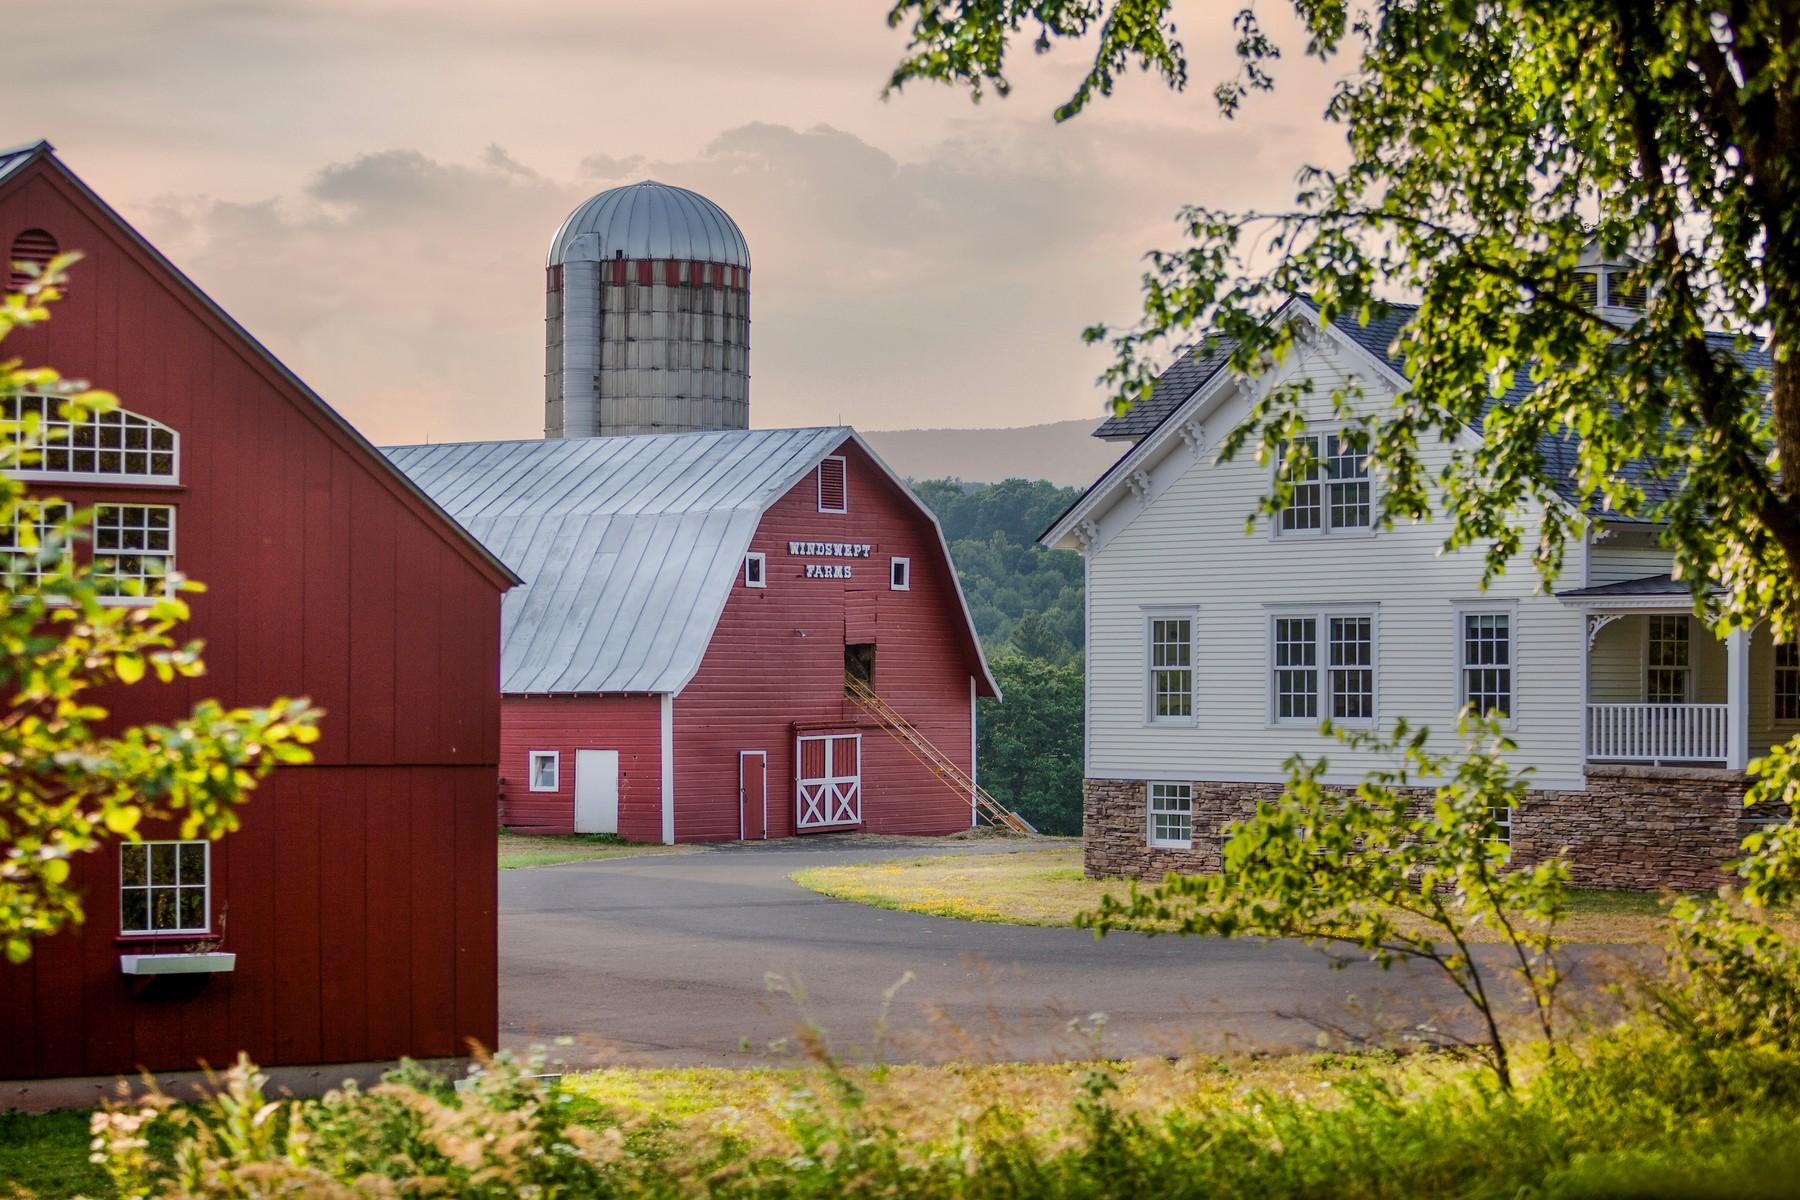 Частный односемейный дом для того Продажа на Windswept Farms in Windham 351 North Settlement Rd. Windham, Нью-Йорк 12496 Соединенные Штаты